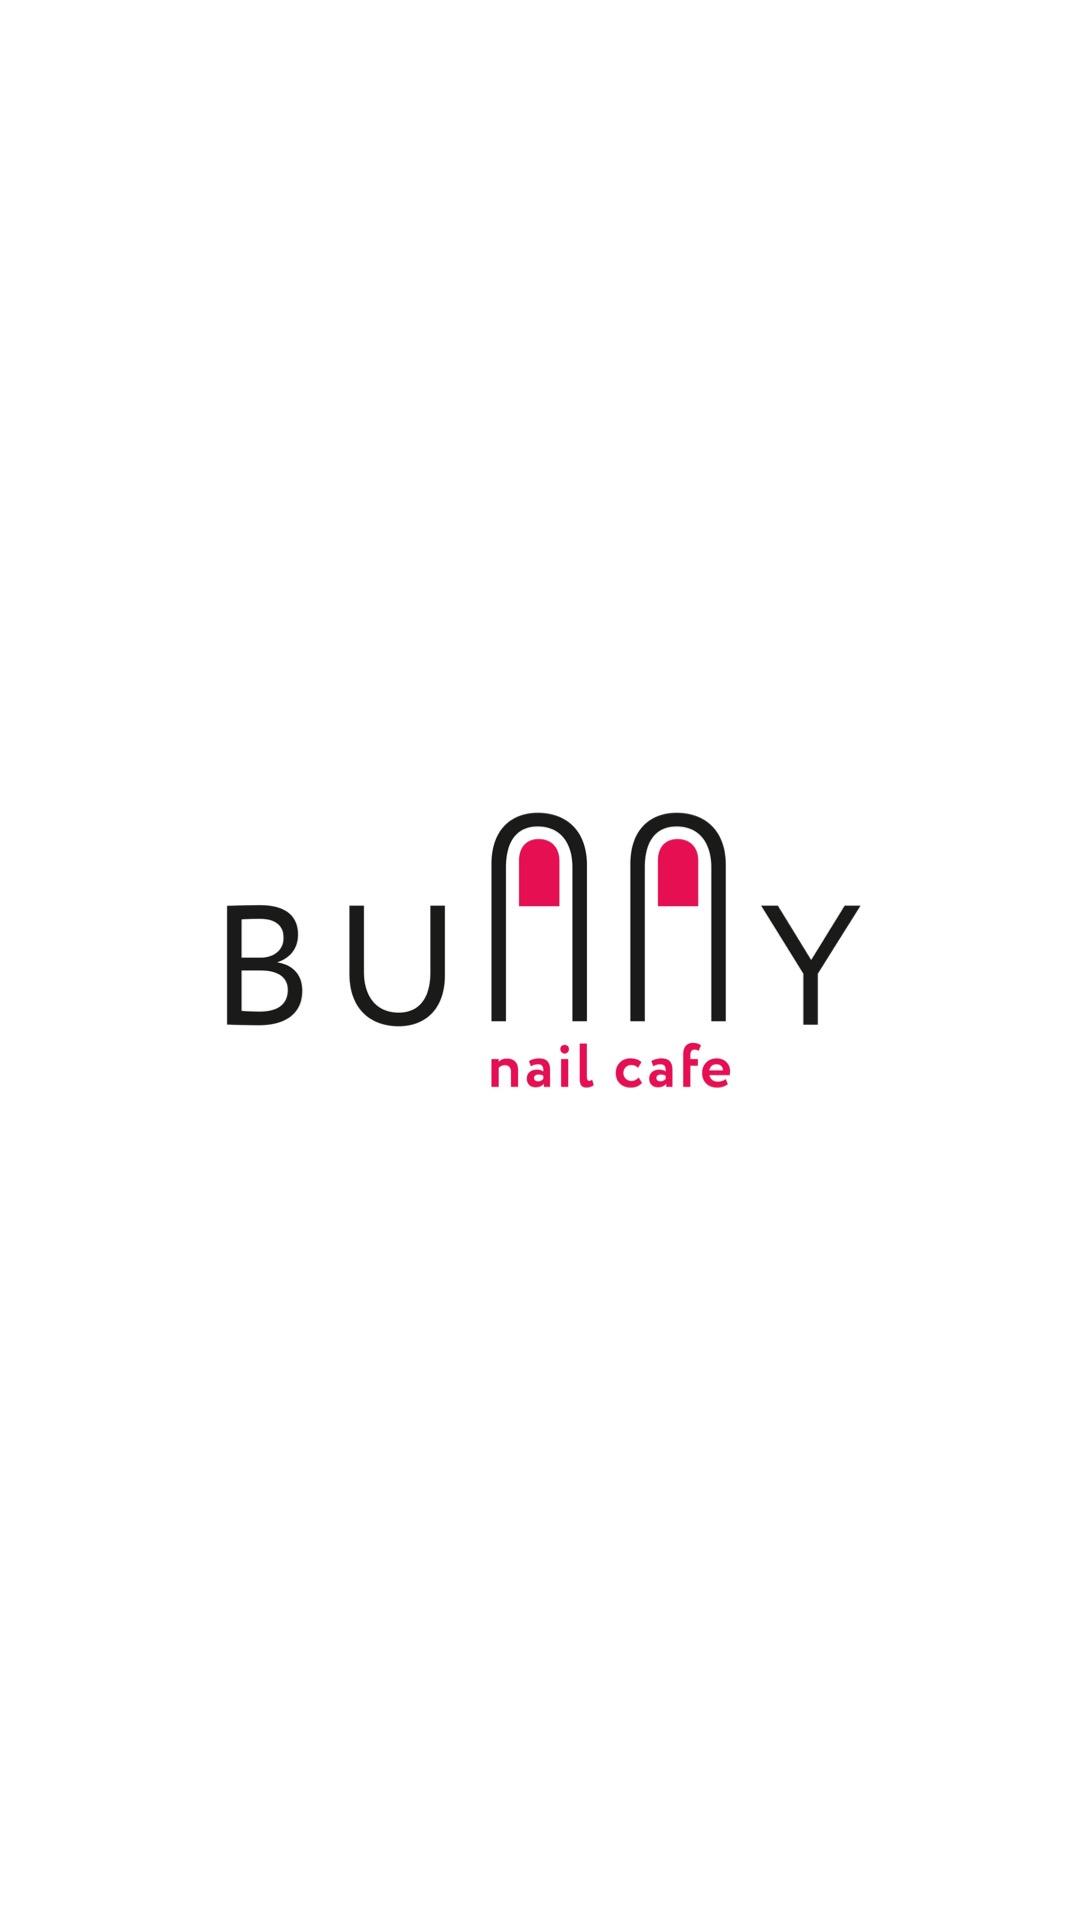 Мережа студій манікюру Bunny nails cafe